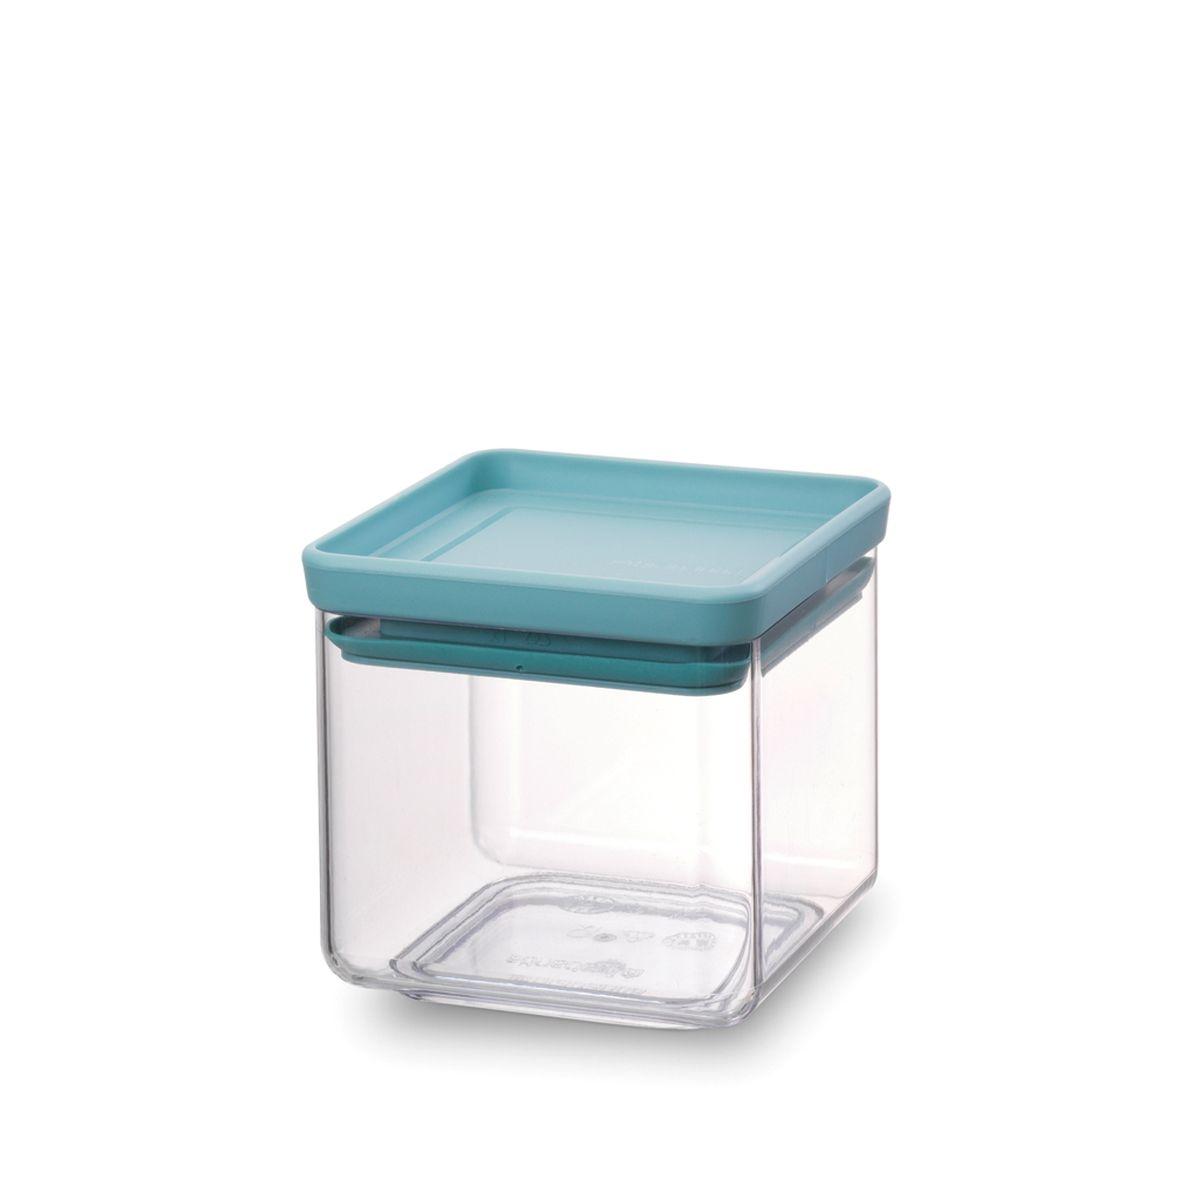 Контейнер для сыпучих продуктов Brabantia Tasty Colors, 700 мл. 290121290121Занимает мало места – контейнеры имеют прямоугольную форму и составляются один на другой. Продукты надолго сохраняют свежесть и аромат – силиконовый уплотнитель. Хорошо видно содержимое и его количество. Легко моется – можно мыть в посудомоечной машине. Прочный и абсолютно прозрачный – изготовлен из пластика. Входит в коллекцию «Tasty Colours».